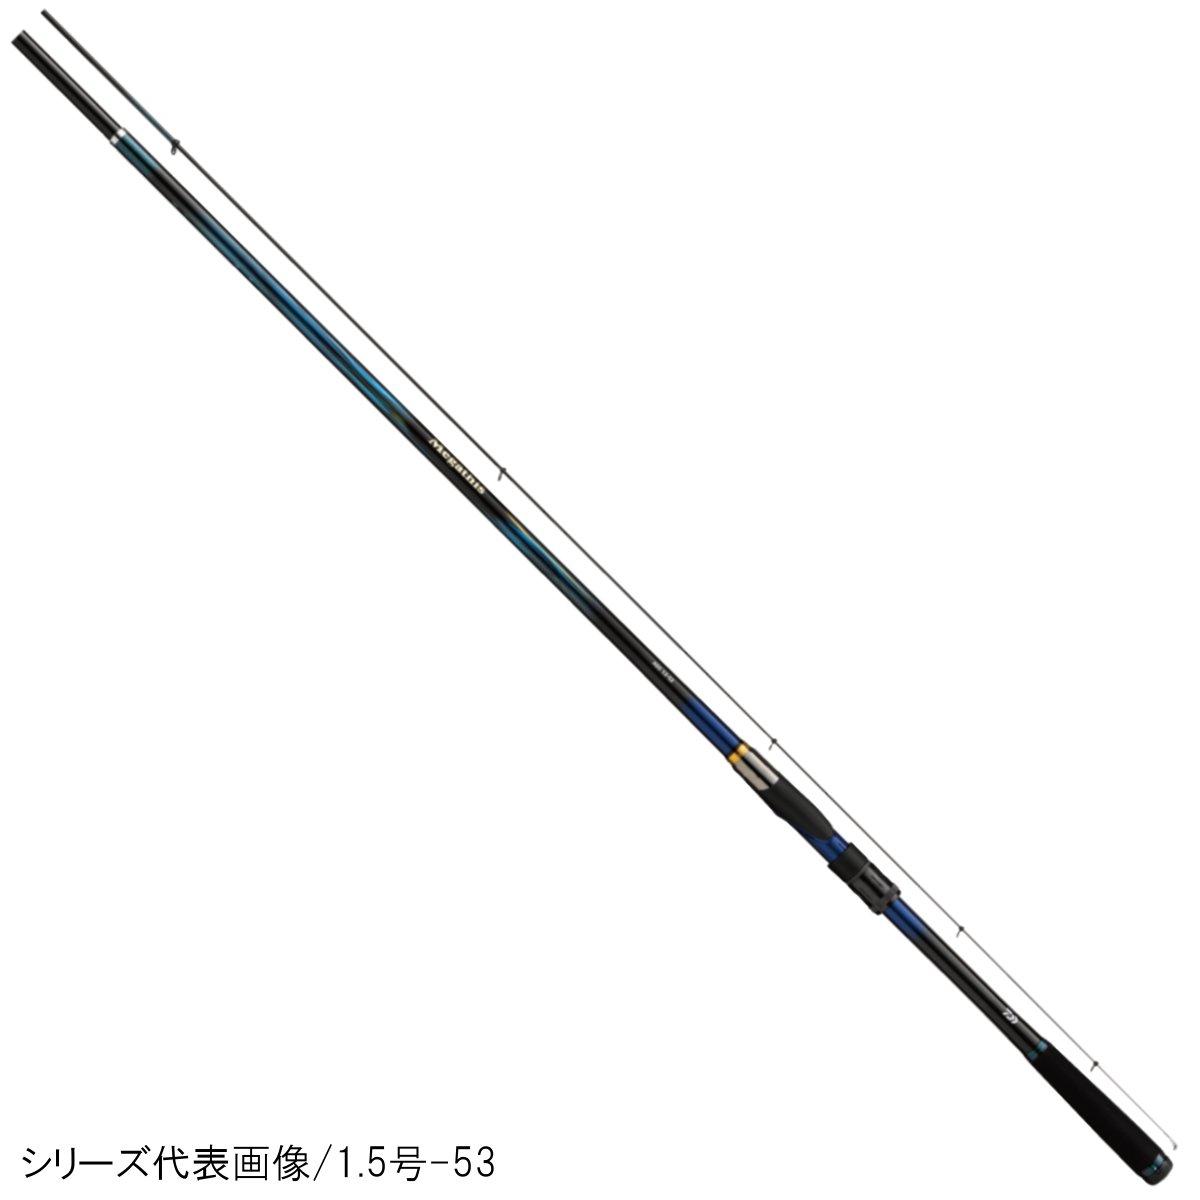 ダイワ メガディス AGS 1.5号-52 SMT